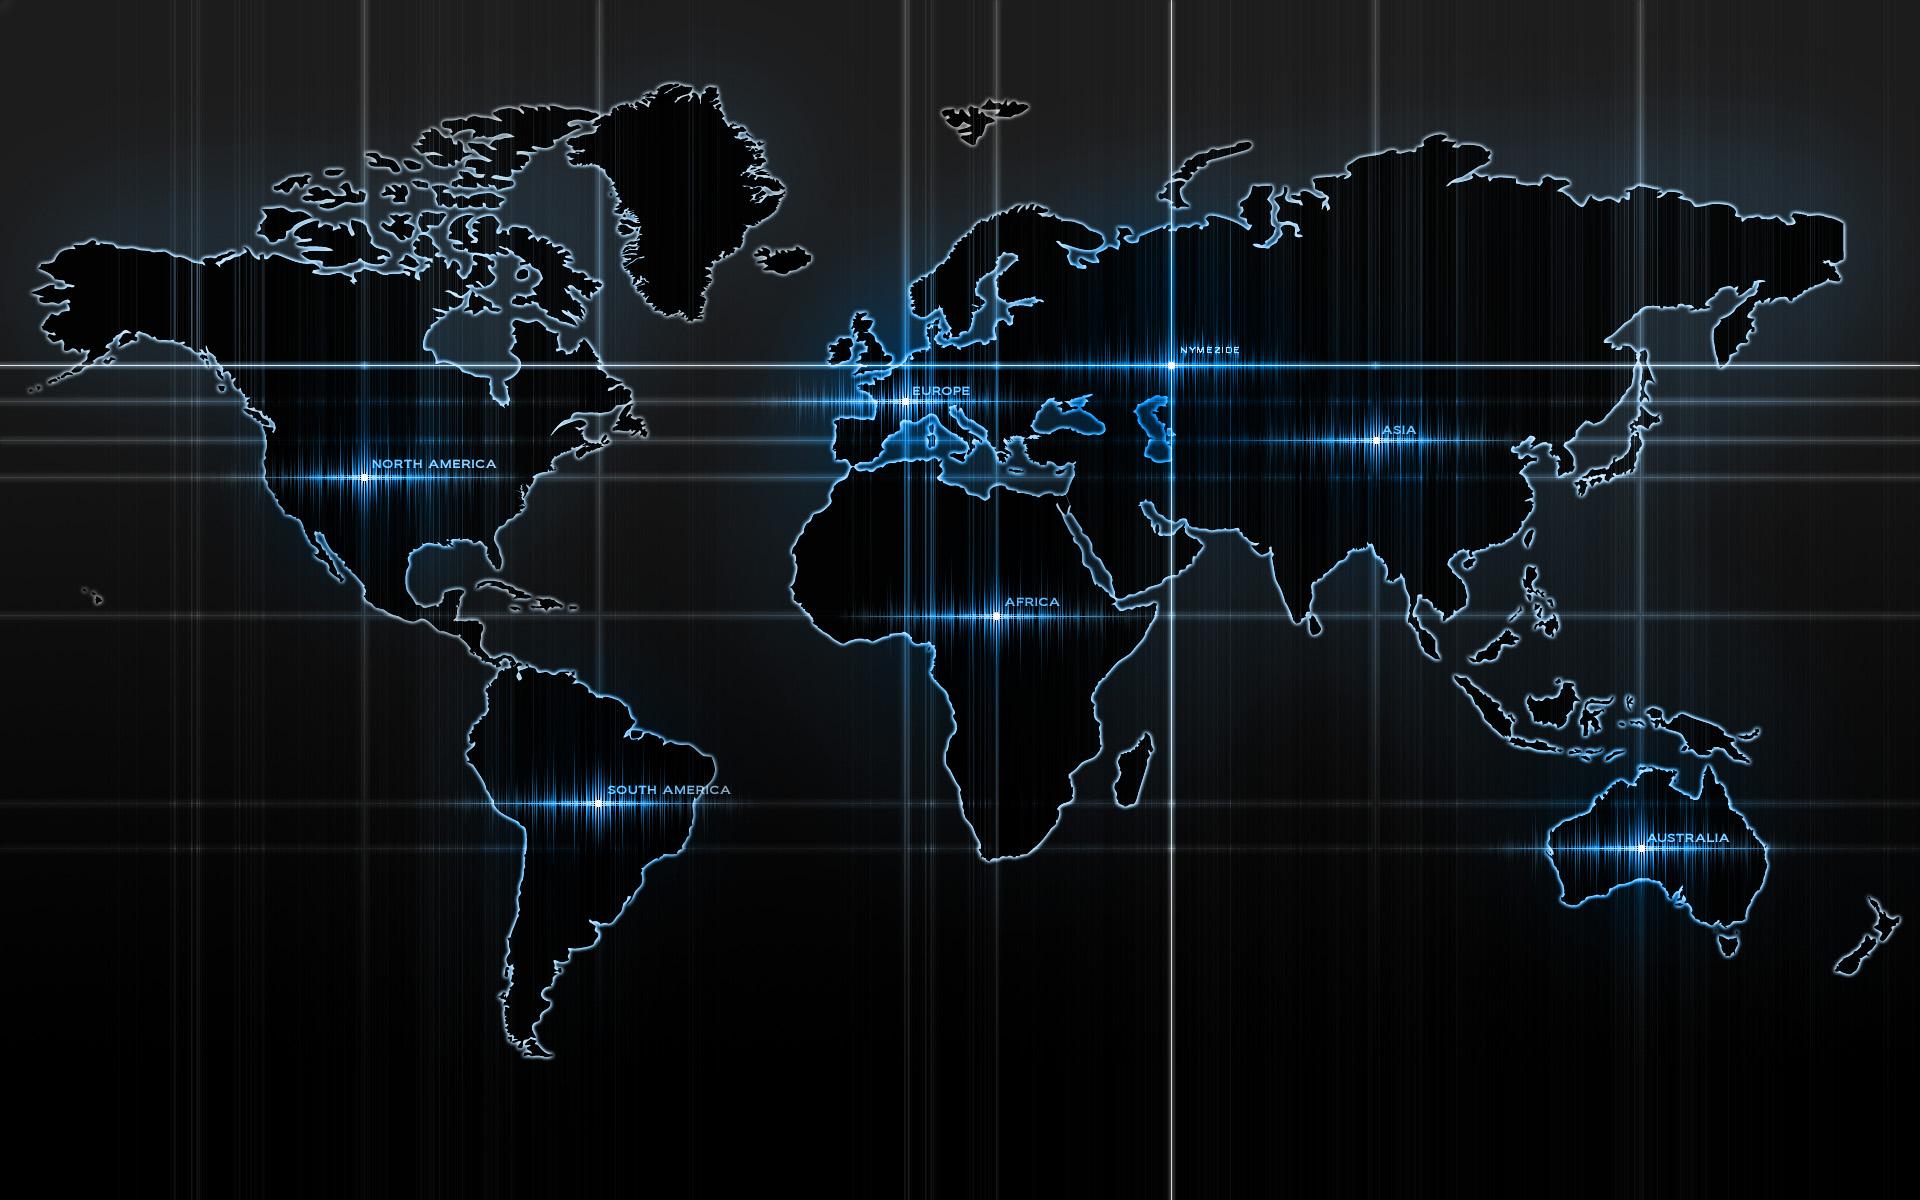 Küresel finansal sigorta fiyatları 2020'nin son çeyreğinde %22 oranında arttı